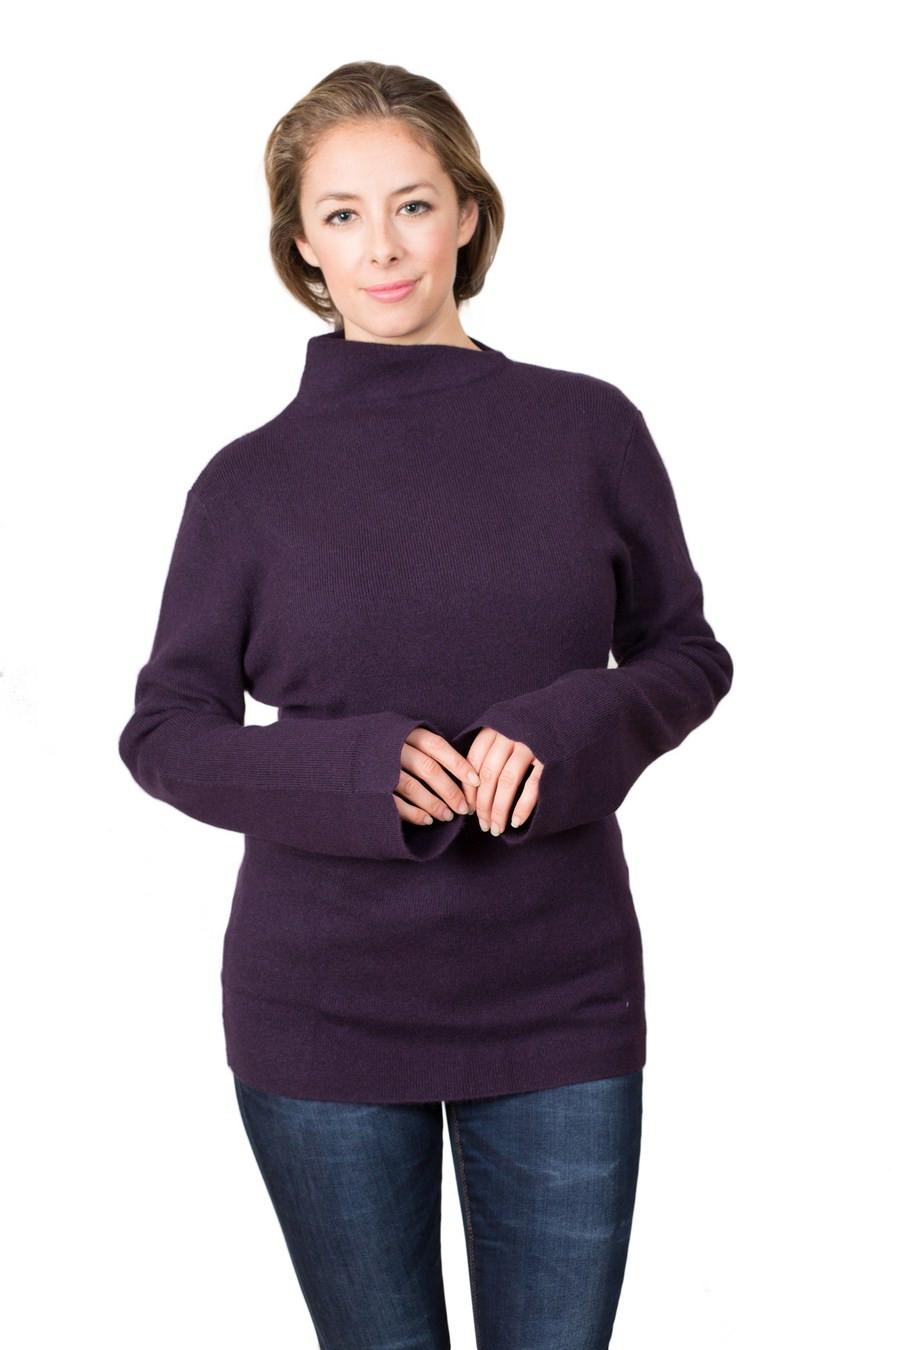 Pull cachemire femme AMBRE violet devant